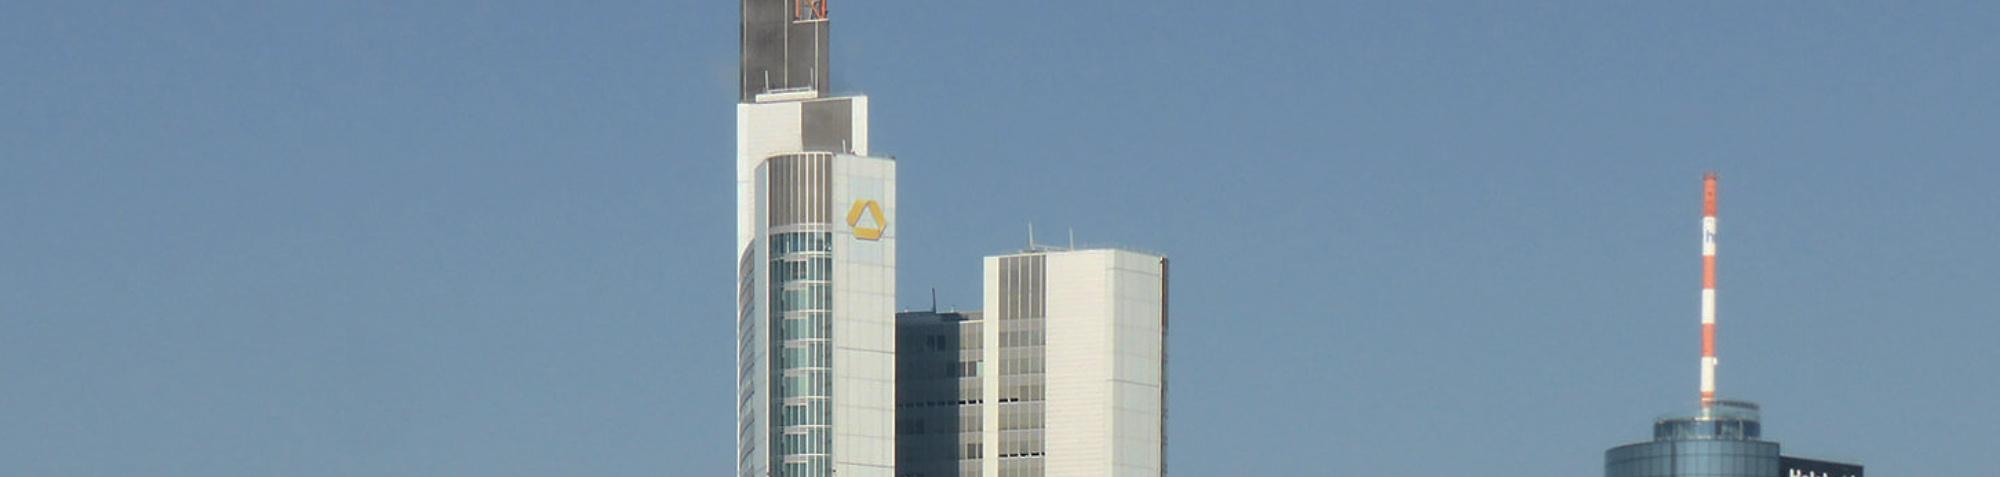 Commerzbank Turm Frankfurt - Commerzbank Tower FFM - Deutschlands höchster Wolkenkratzer - Commerzbank Sitz